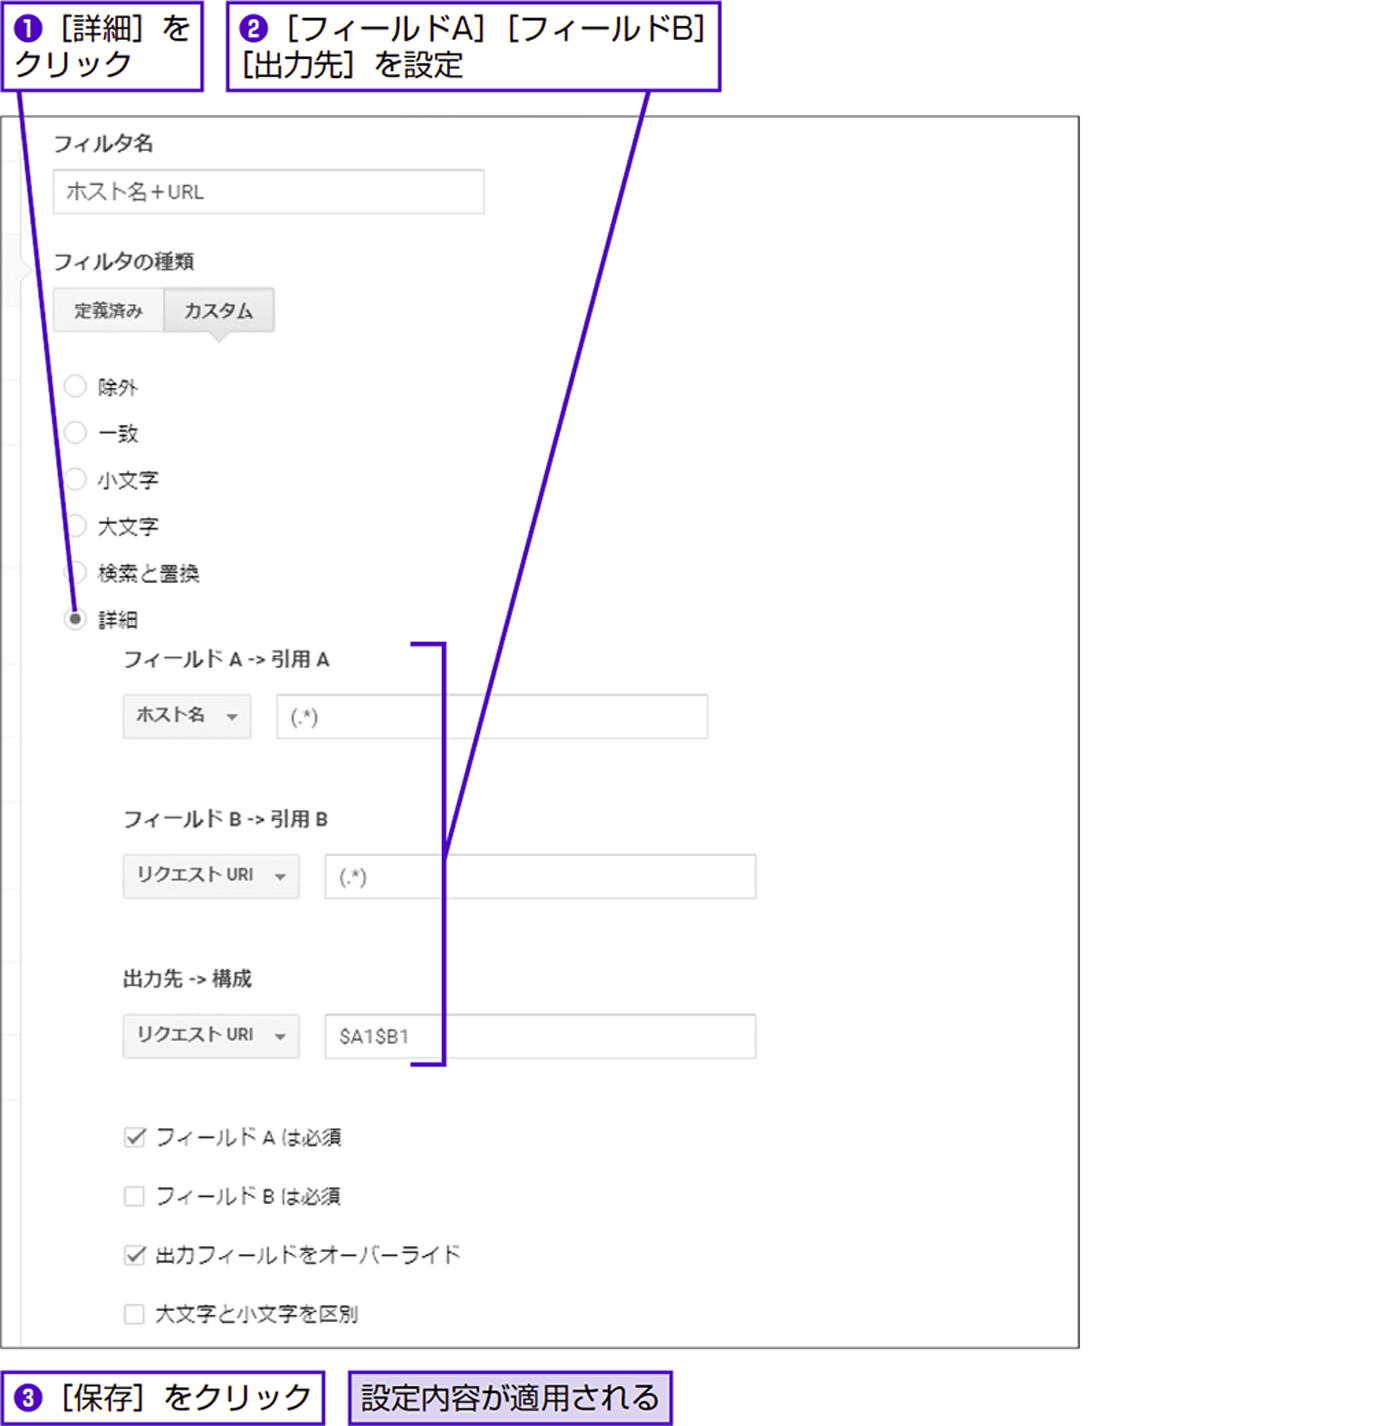 ホスト名+URLで解析してドメイン間のトップページを区別する - できる逆引き Googleアナリティクス 増補改訂2版